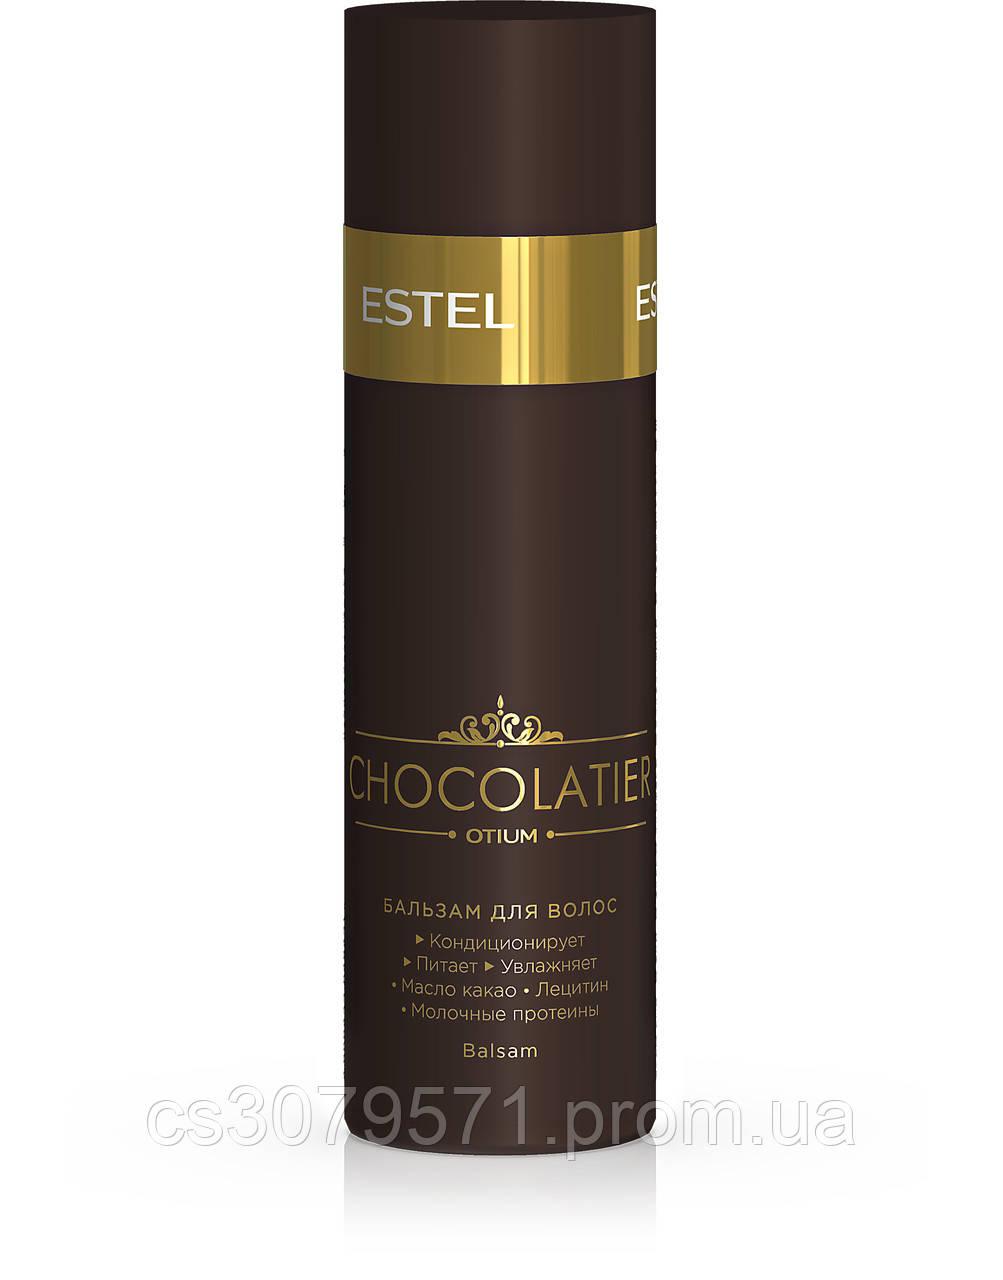 Бальзам для волос Estel Professional Otium Chocolatier Balsam